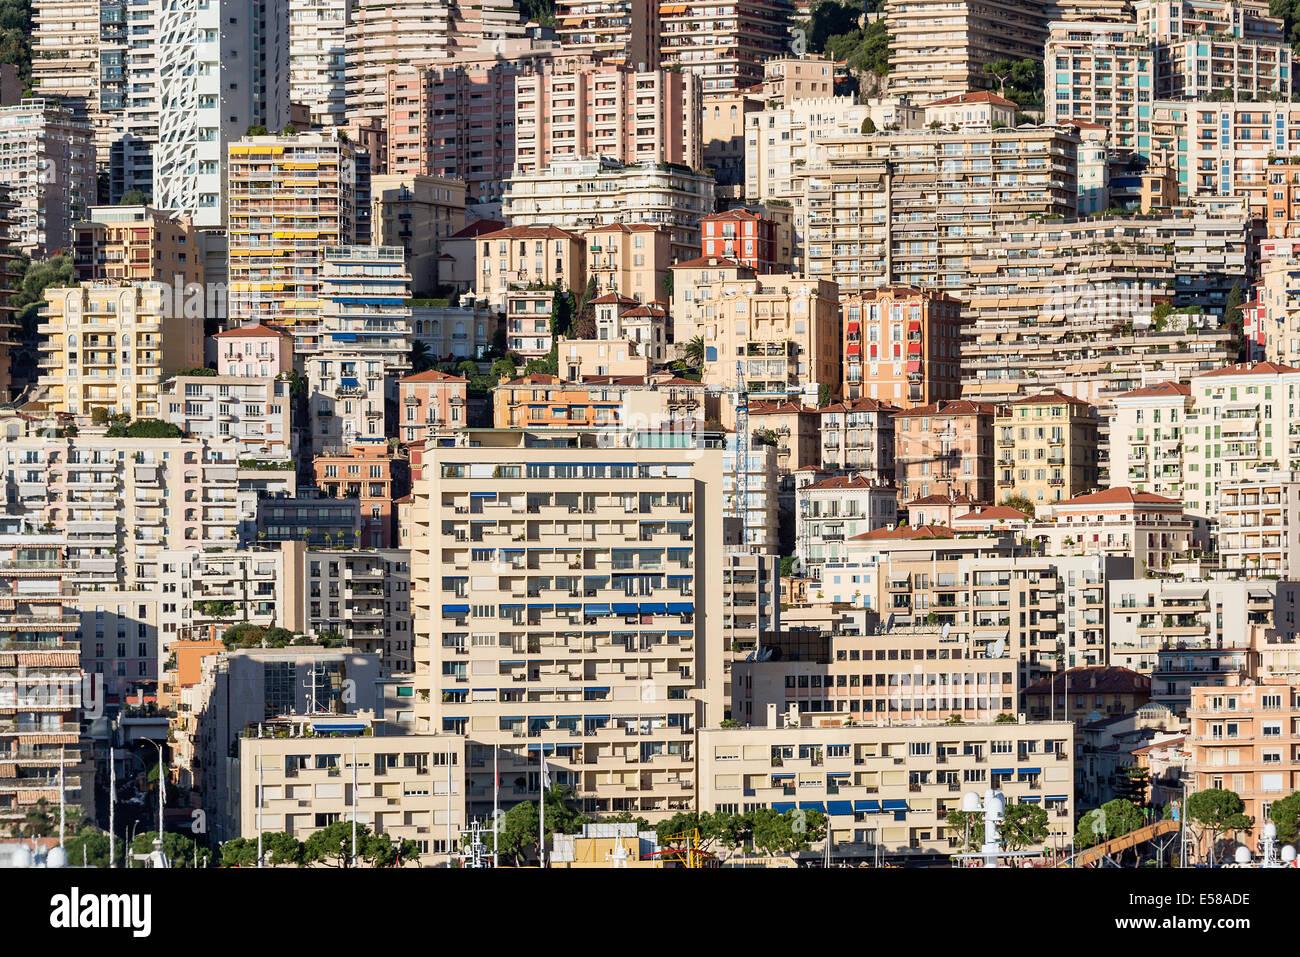 Grappe dense d'édifices de la ville de nuit. Photo Stock